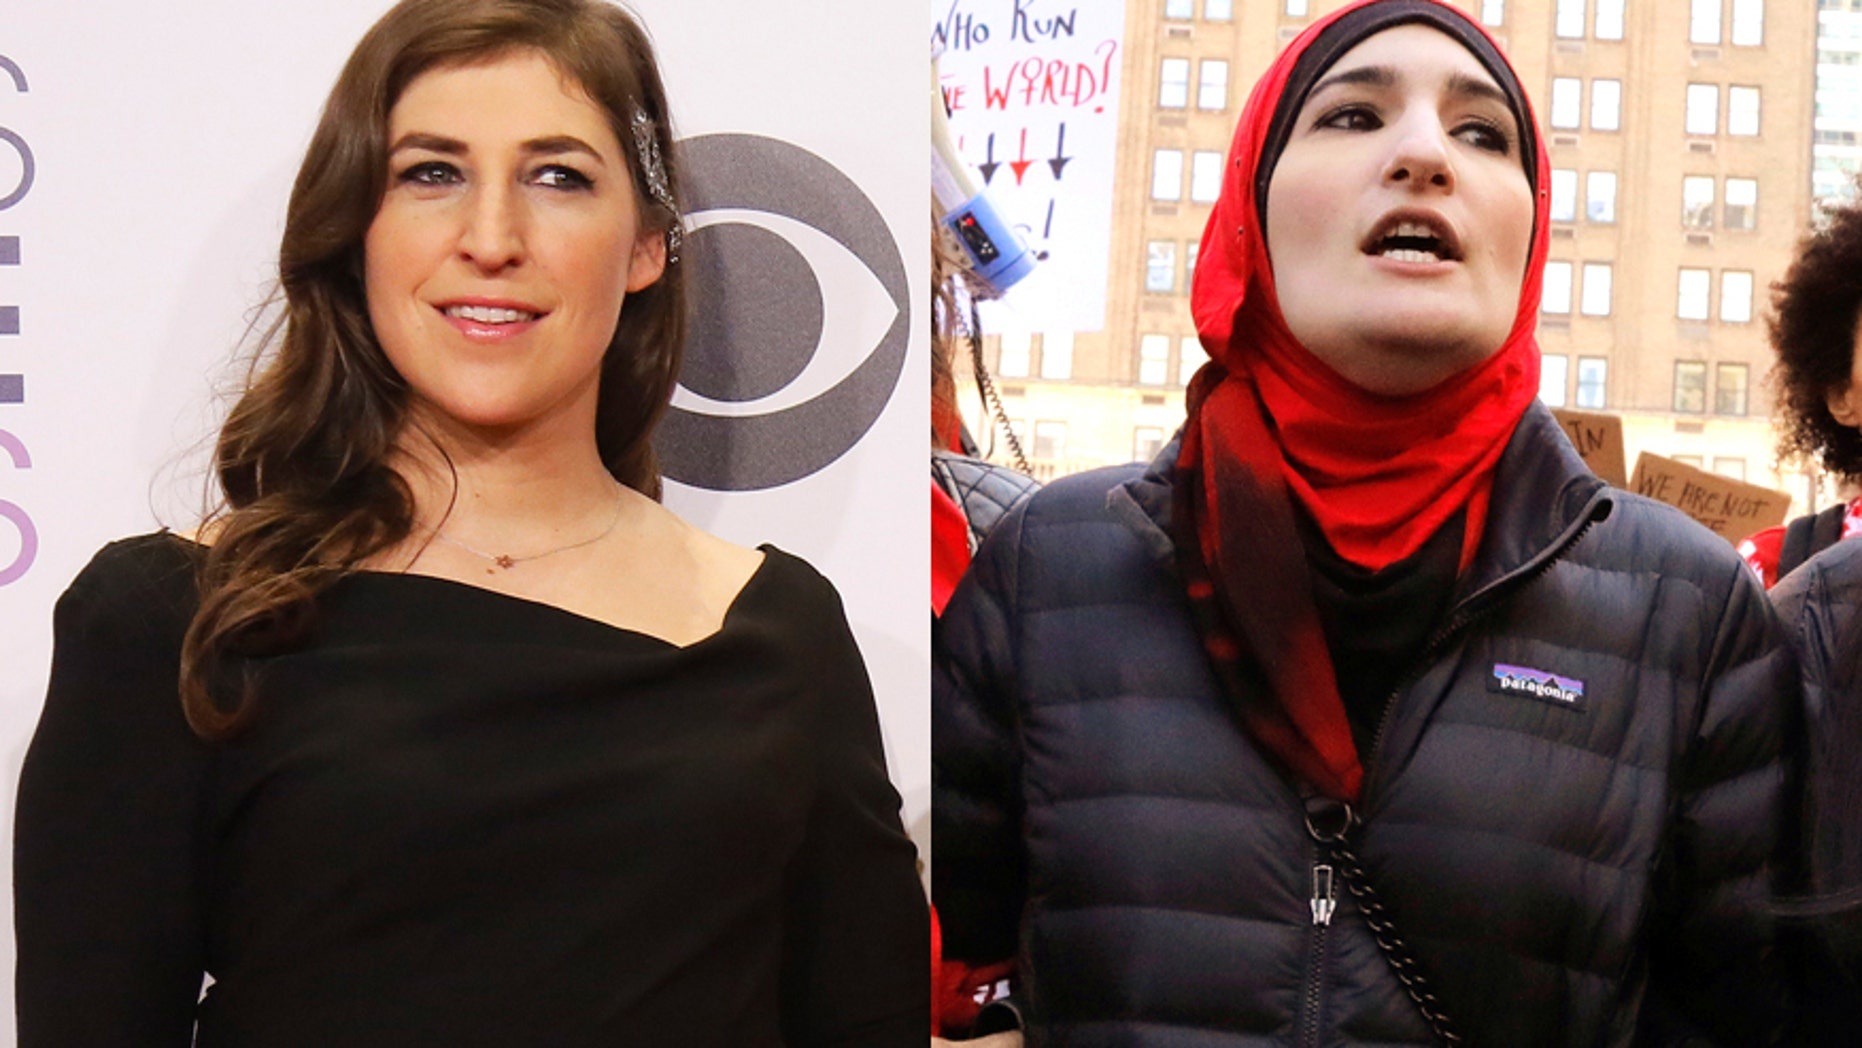 Actress Mayim Bialik (left) and Palestinian activist Linda Sarsour.